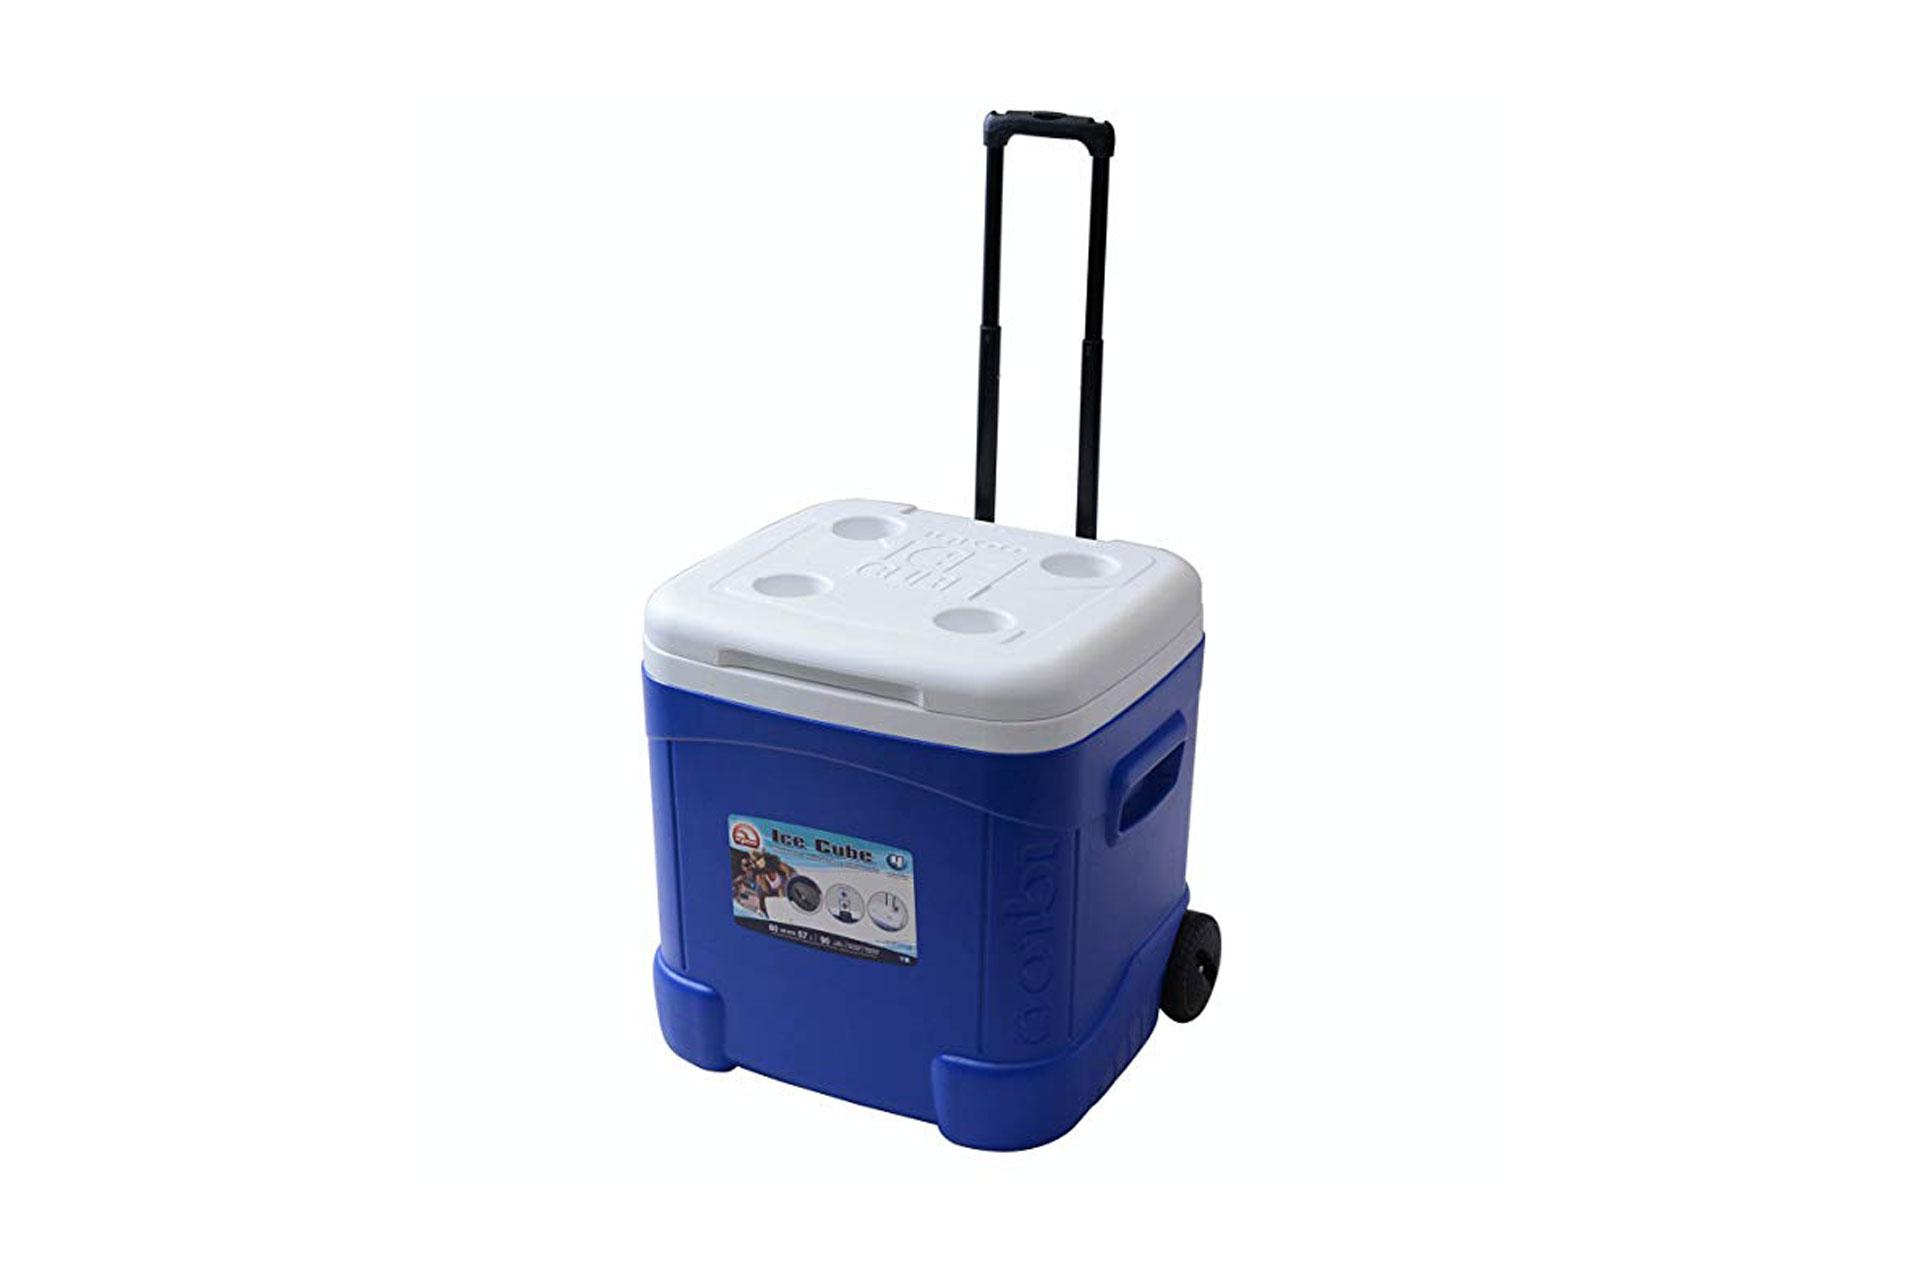 Cooler; Courtesy of Amazon